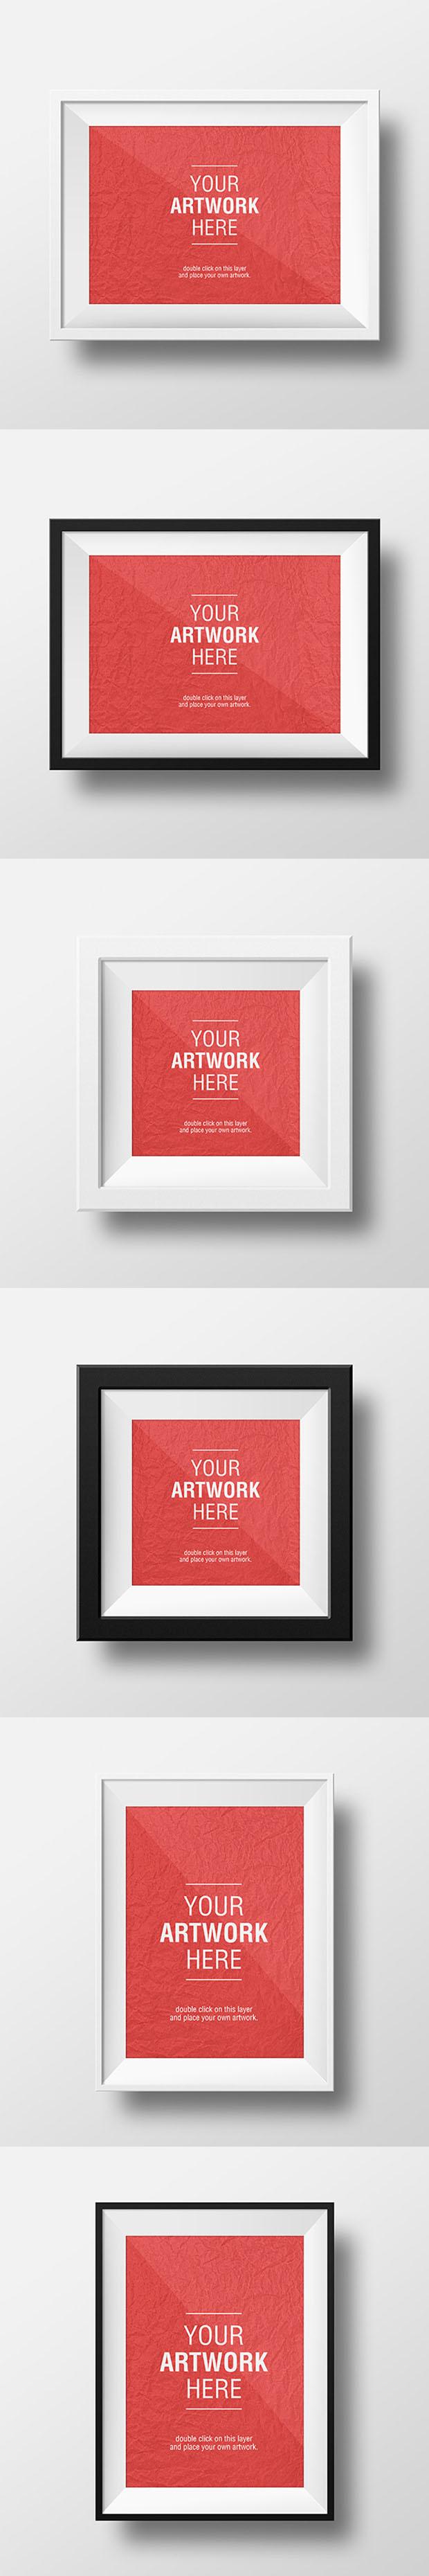 3-Artwork-Frame-PSD-MockUps